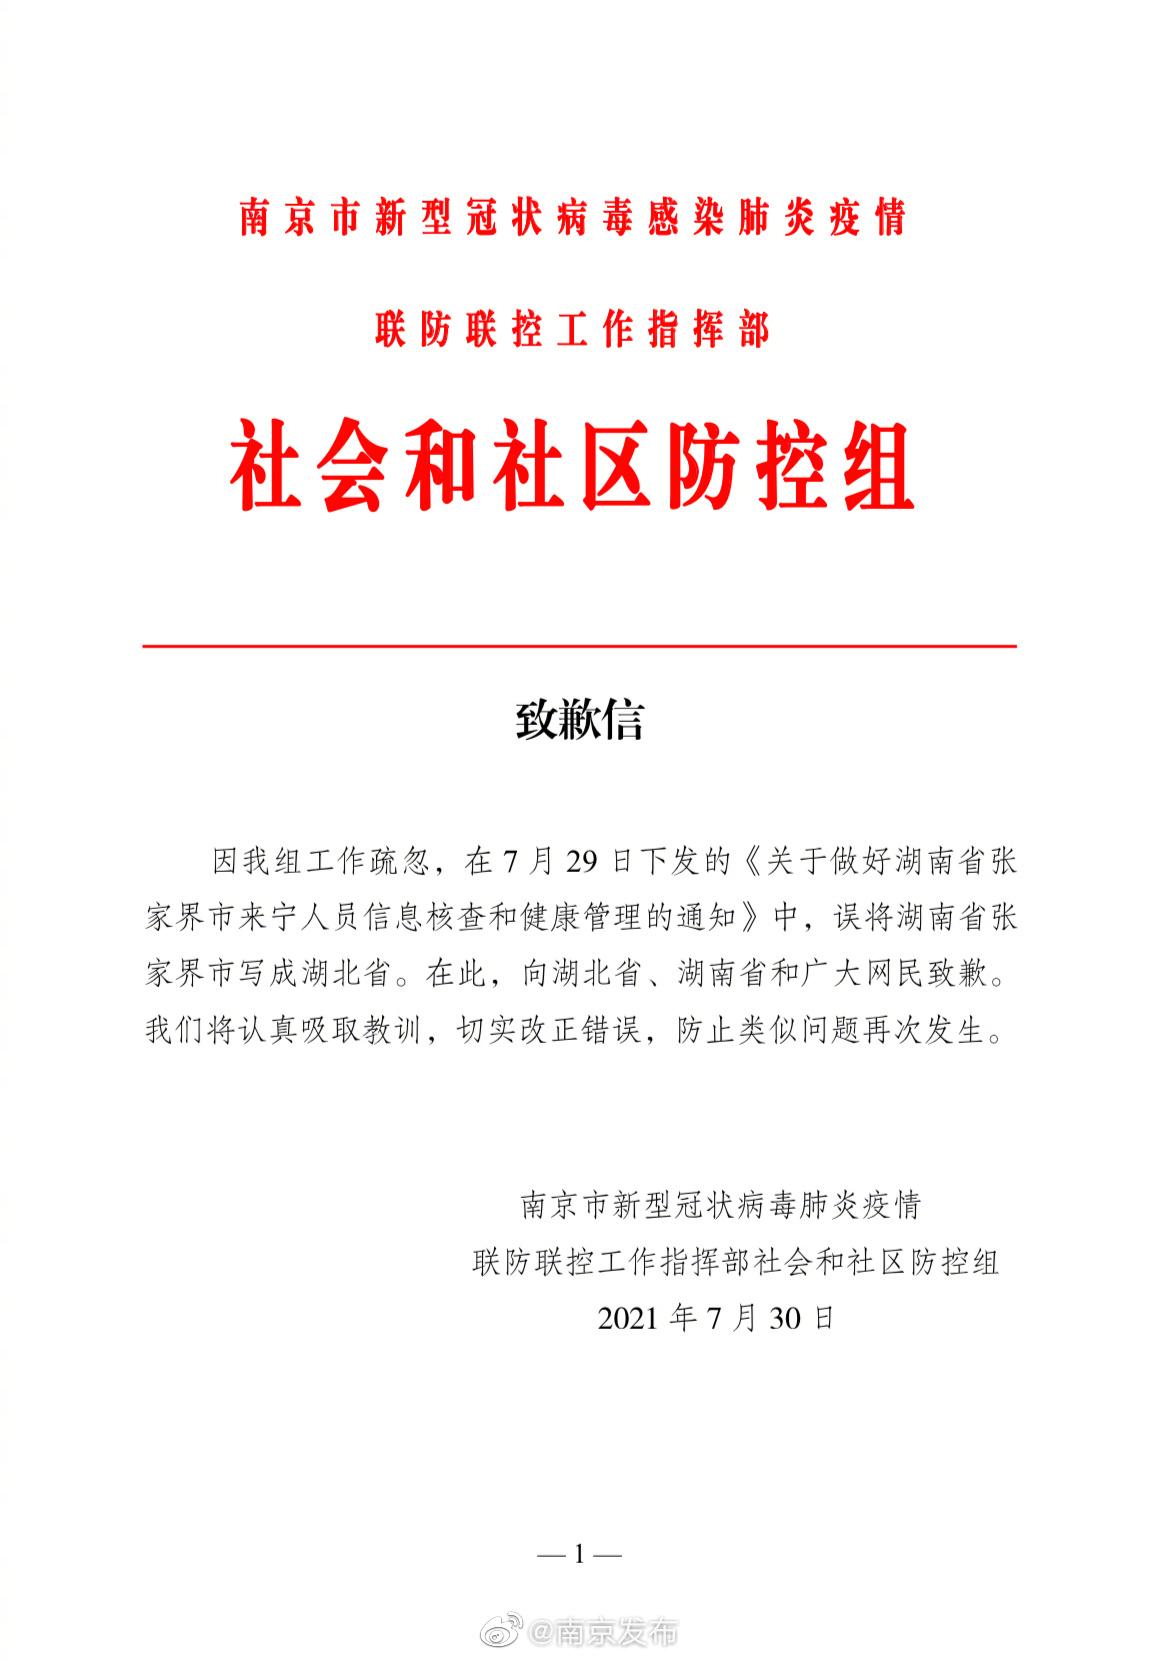 南京就将湖南张家界写成湖北致歉